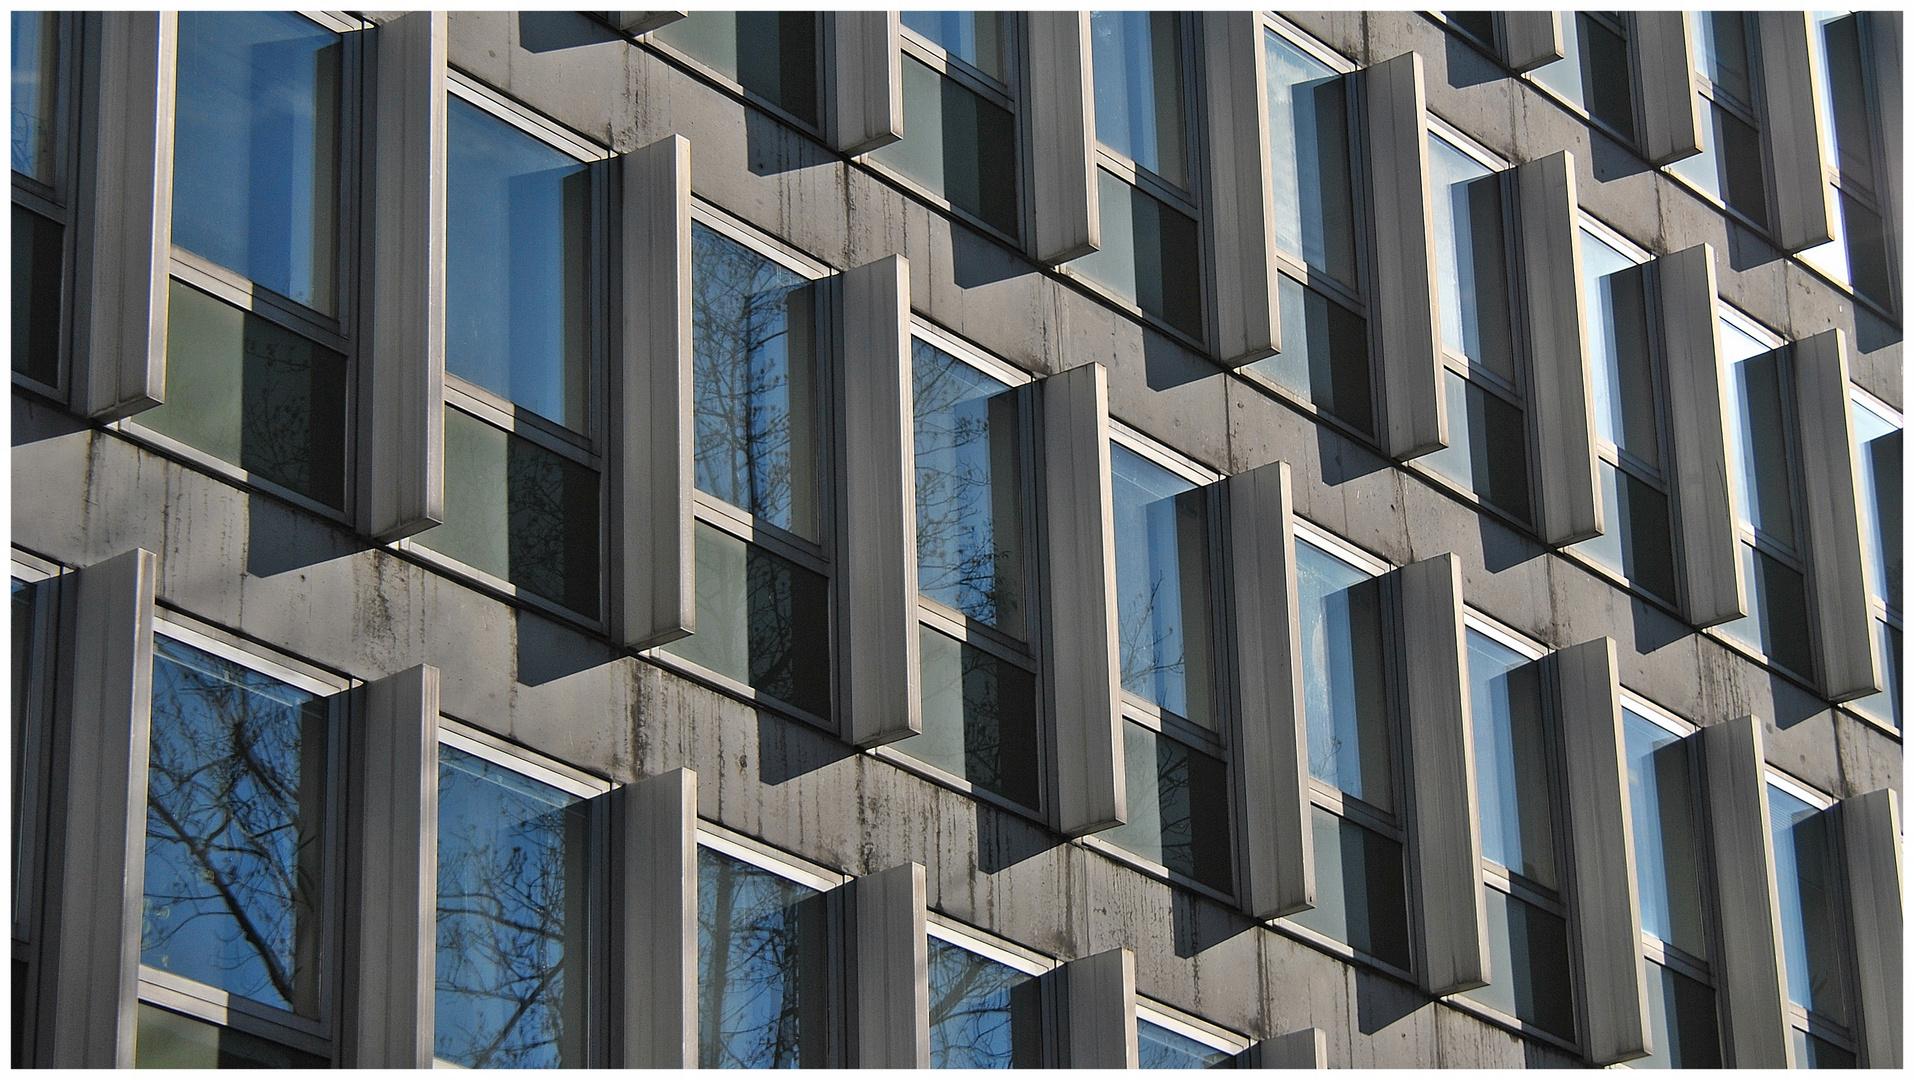 Schön Fensterfront Referenz Von